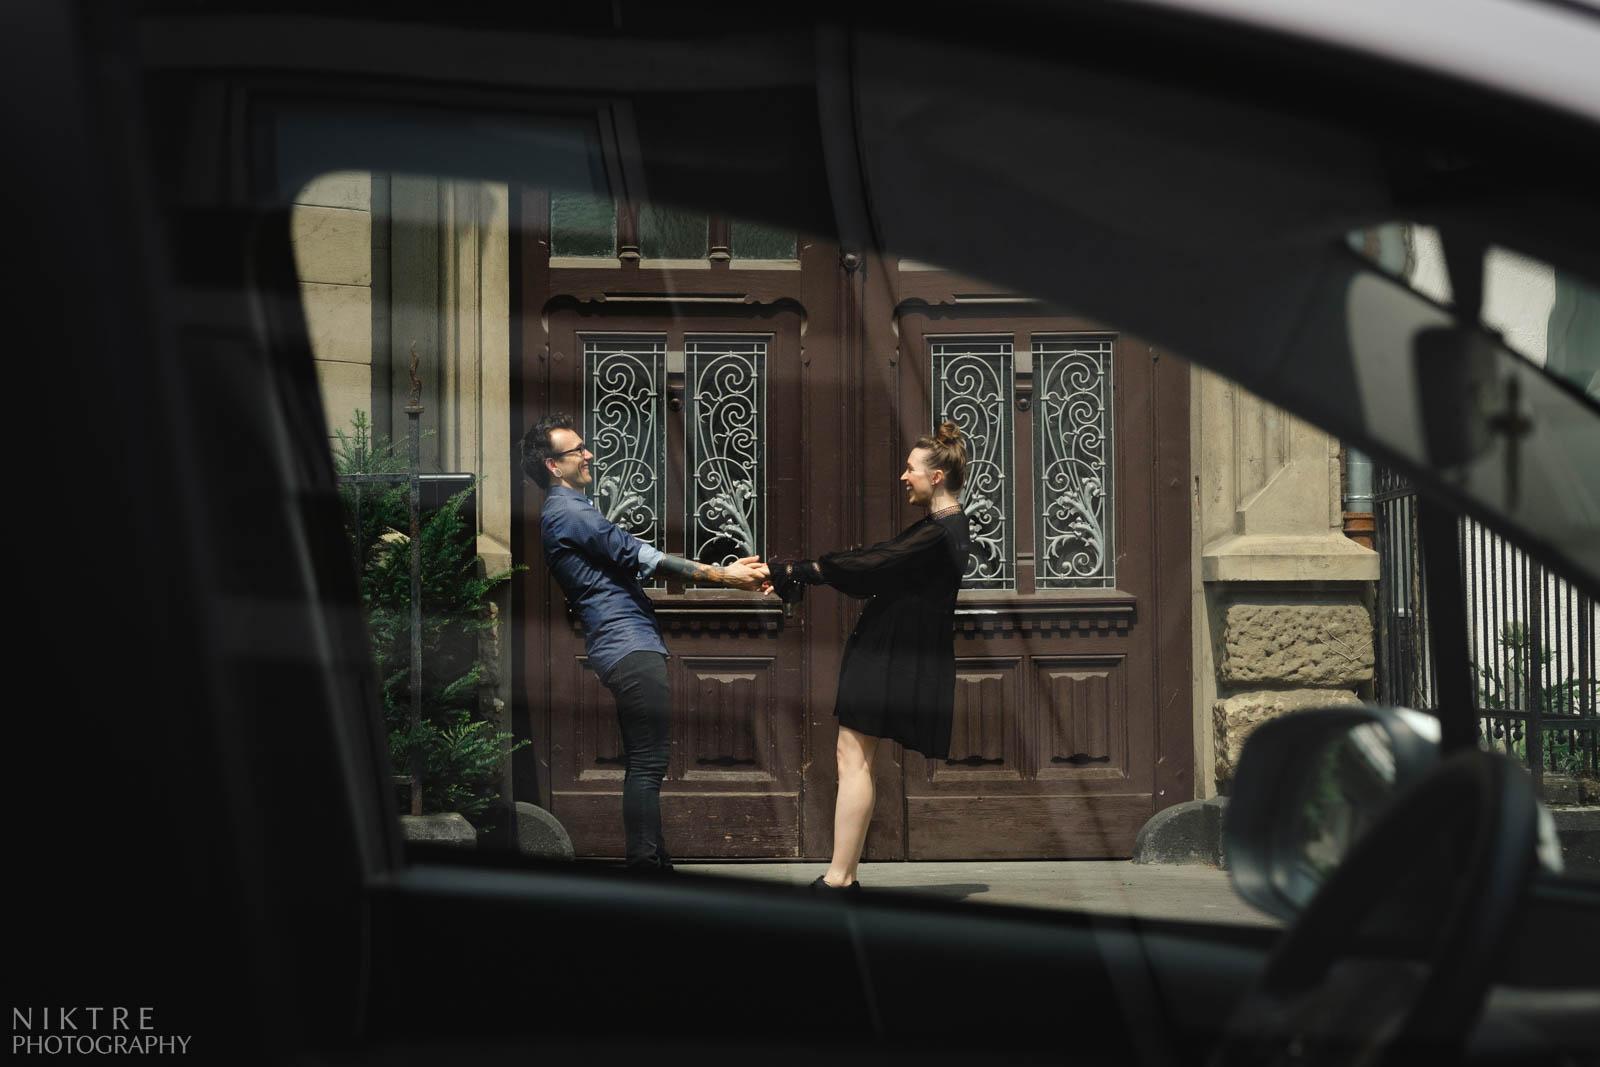 Ein Foto durch ein Autofenster auf dem ein Mann und eine Frau die Hände halten